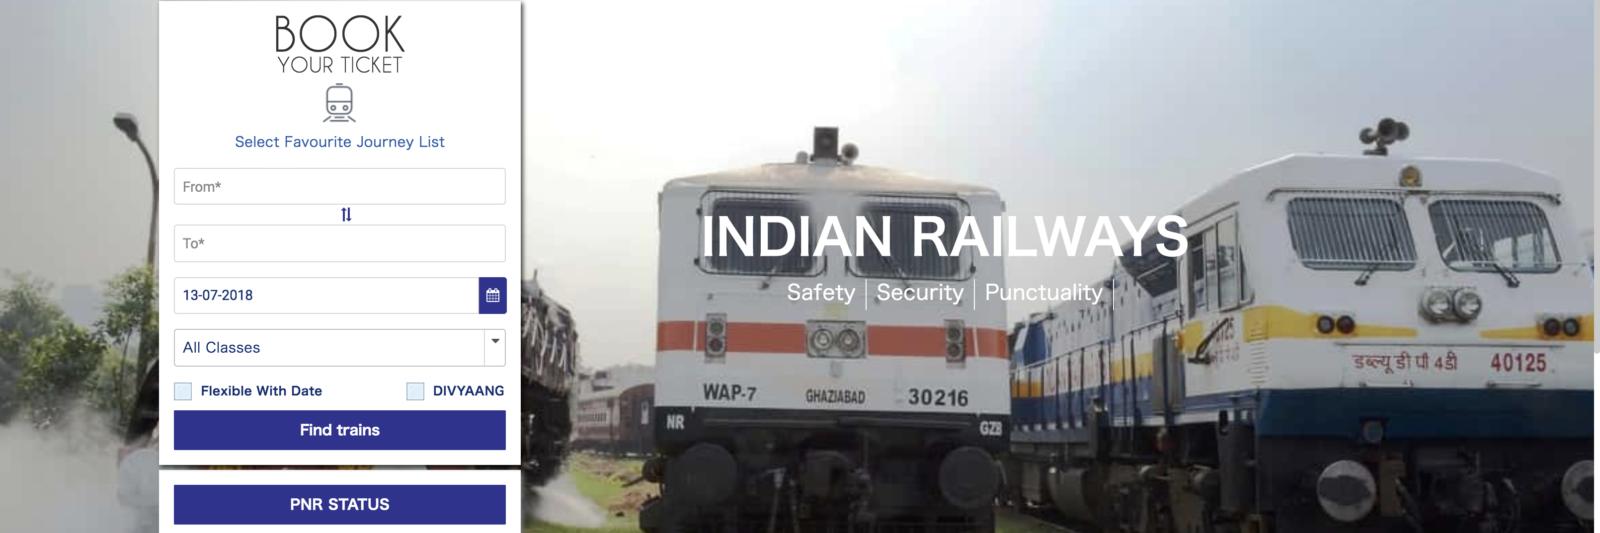 インド国鉄IRCTCの新しいホームページ